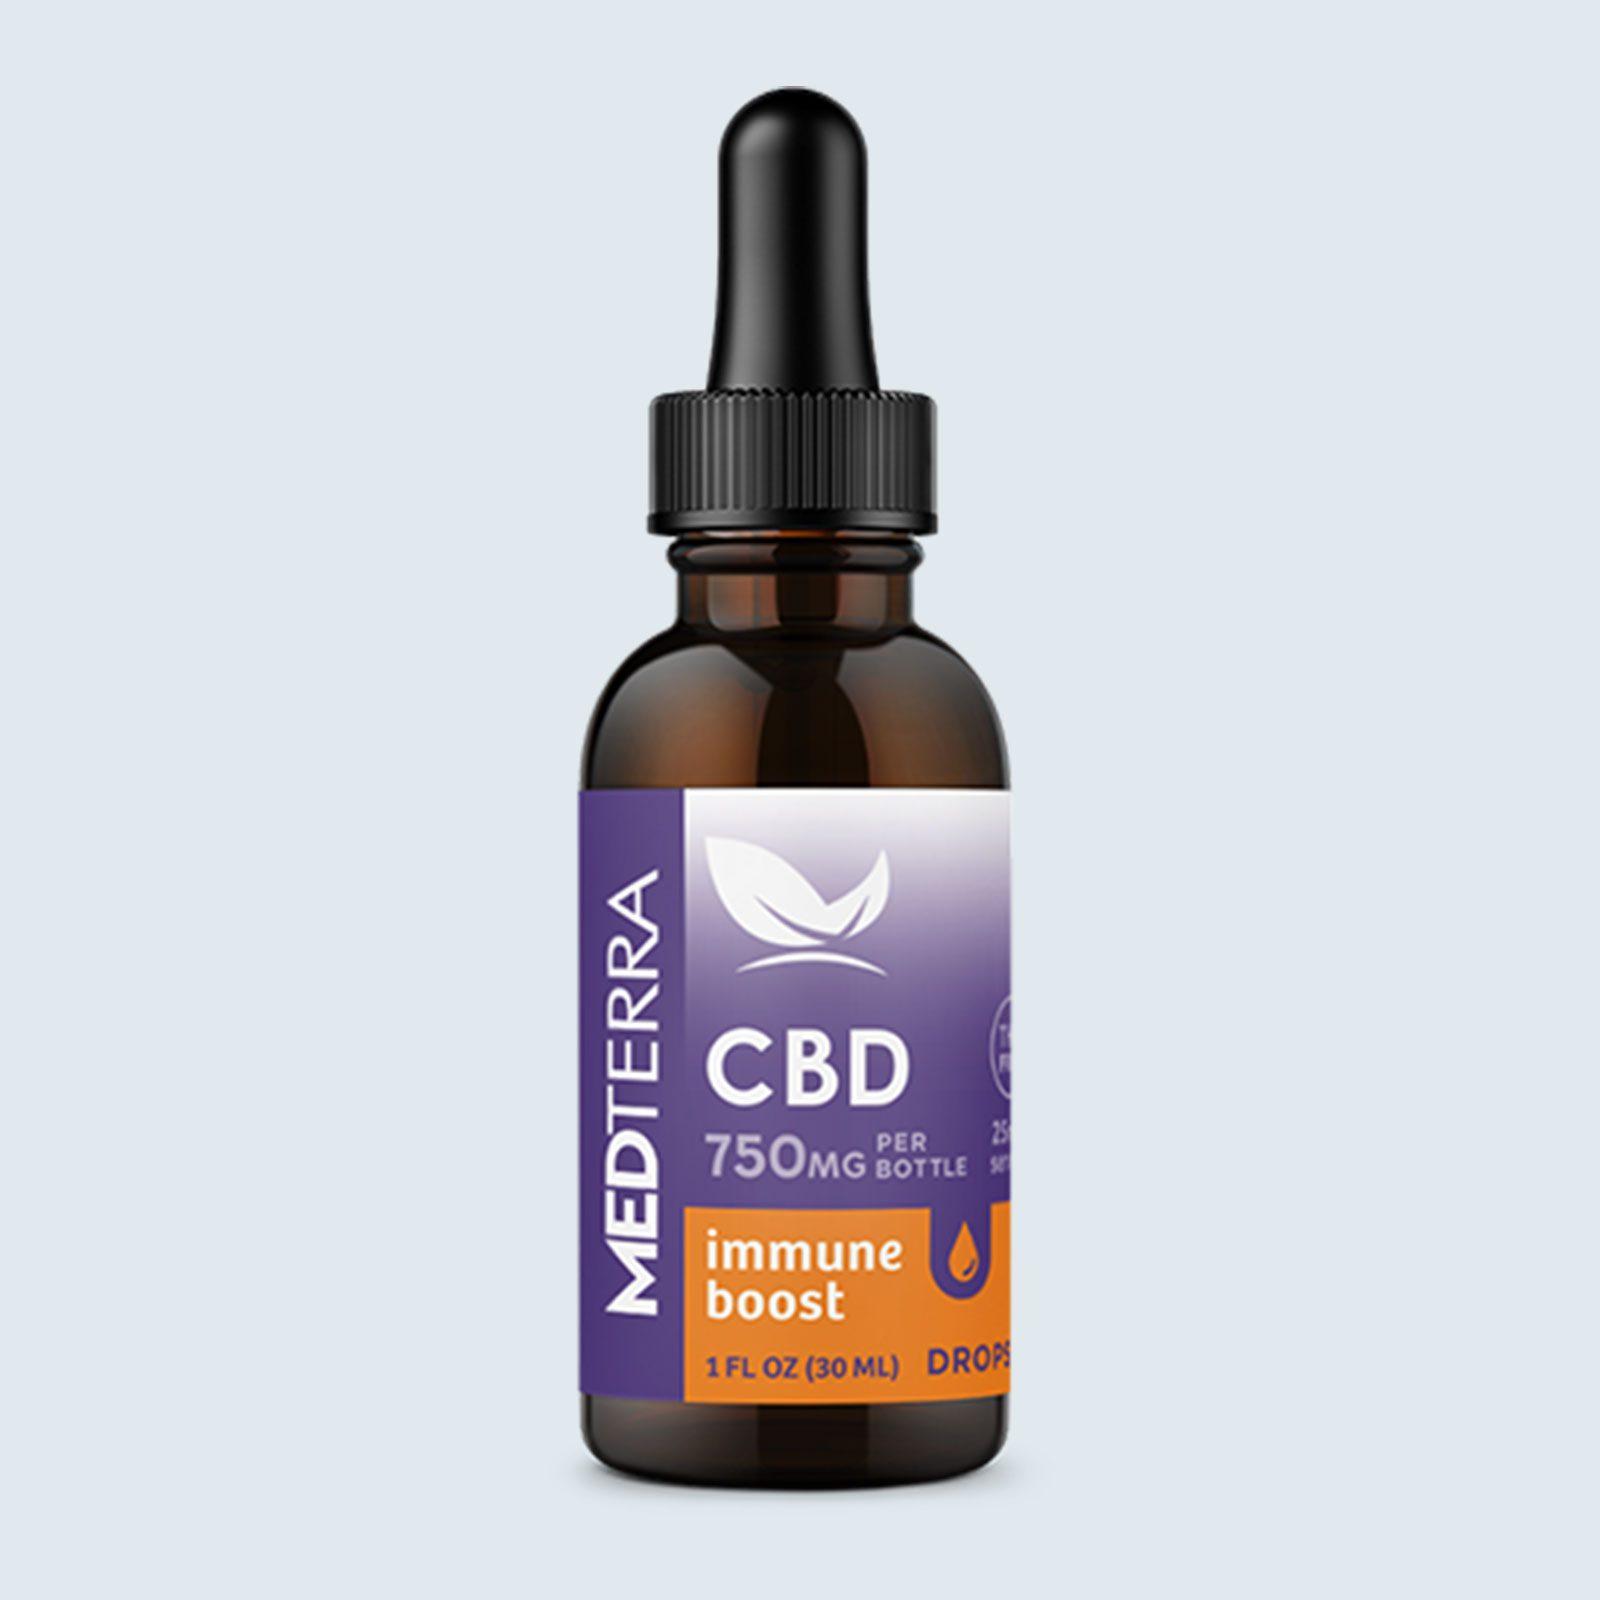 Medterra Immune Boost CBD Oil